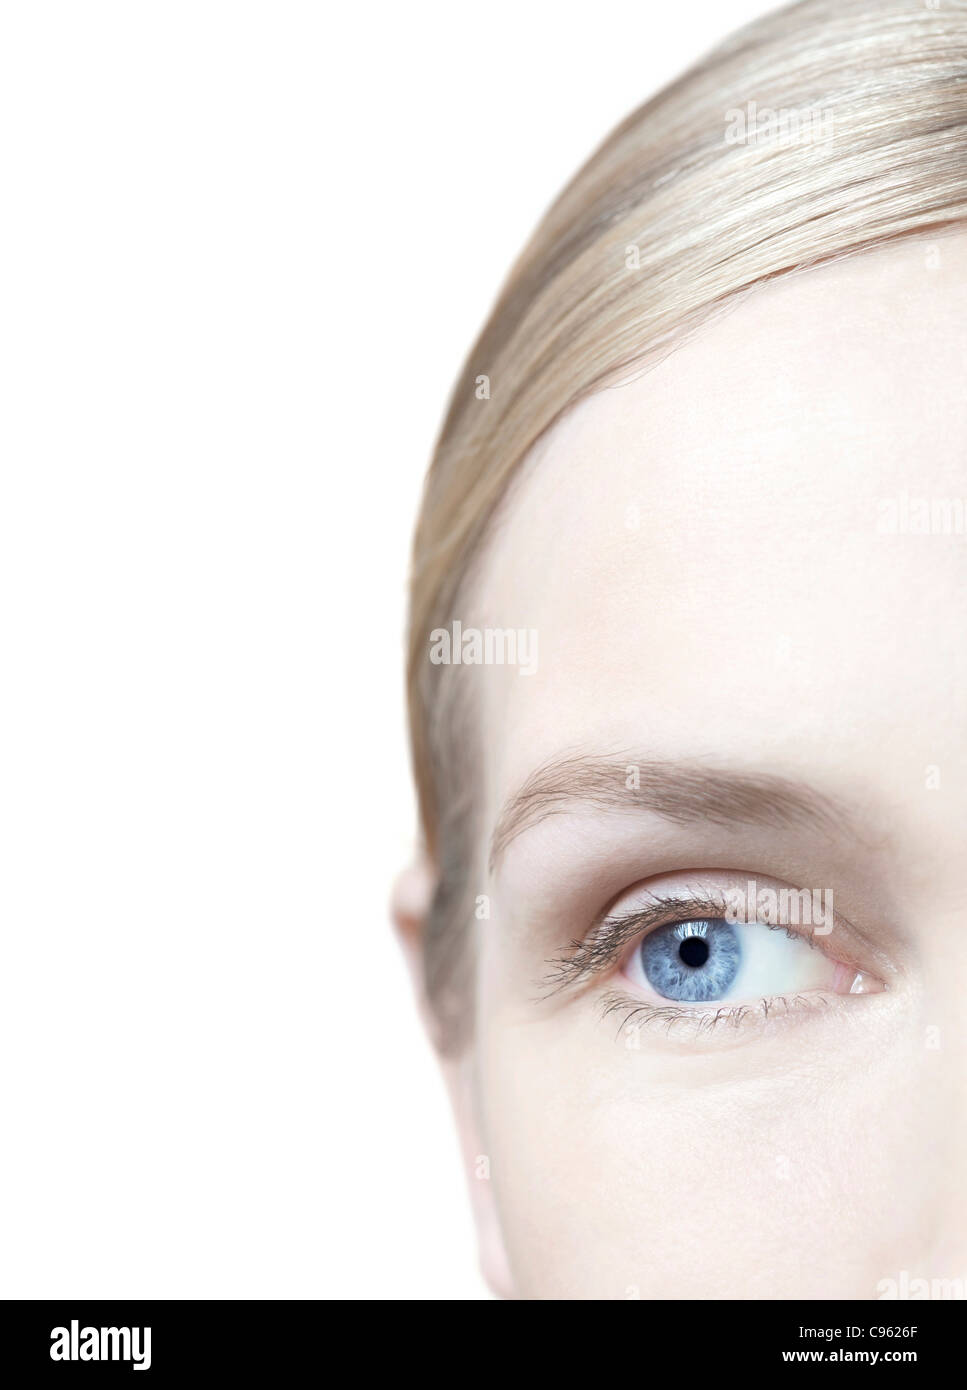 Woman's eye. - Stock Image